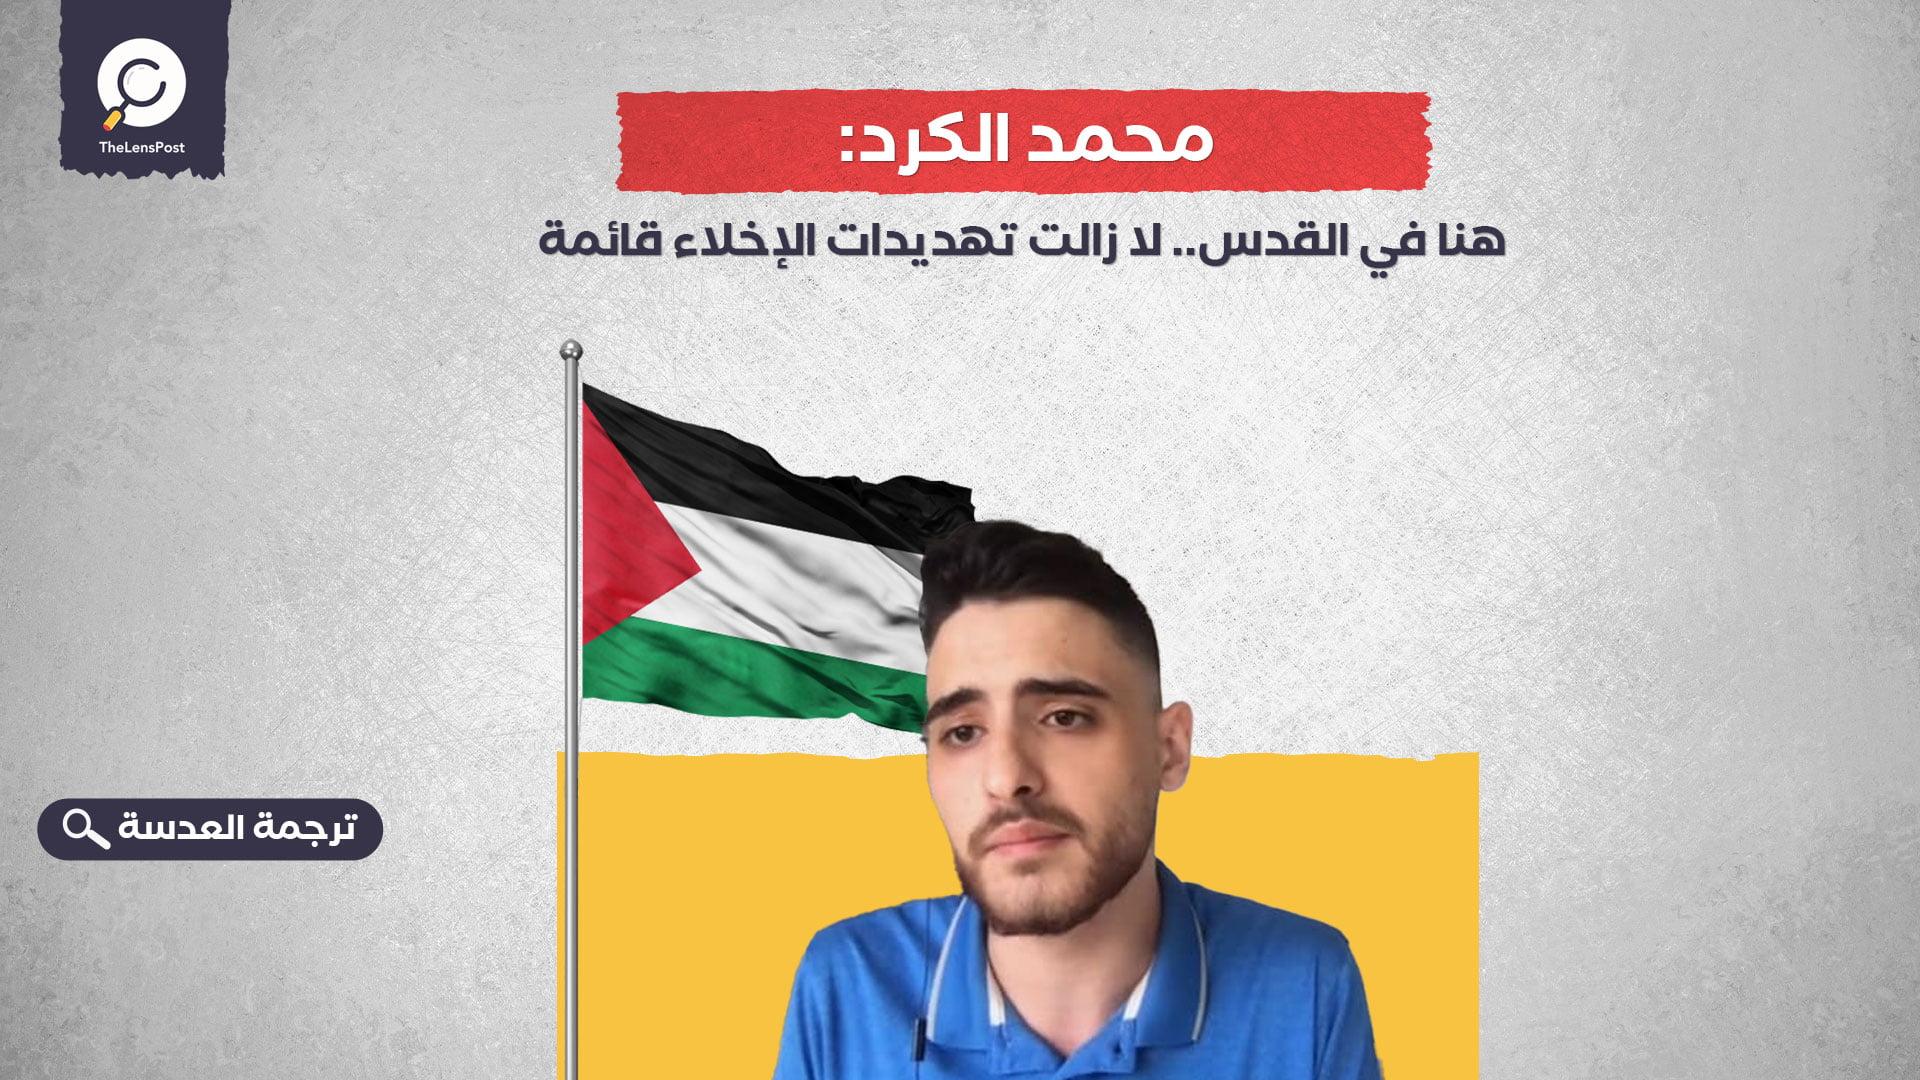 محمد الكرد: هنا في القدس.. لا زالت تهديدات الإخلاء قائمة